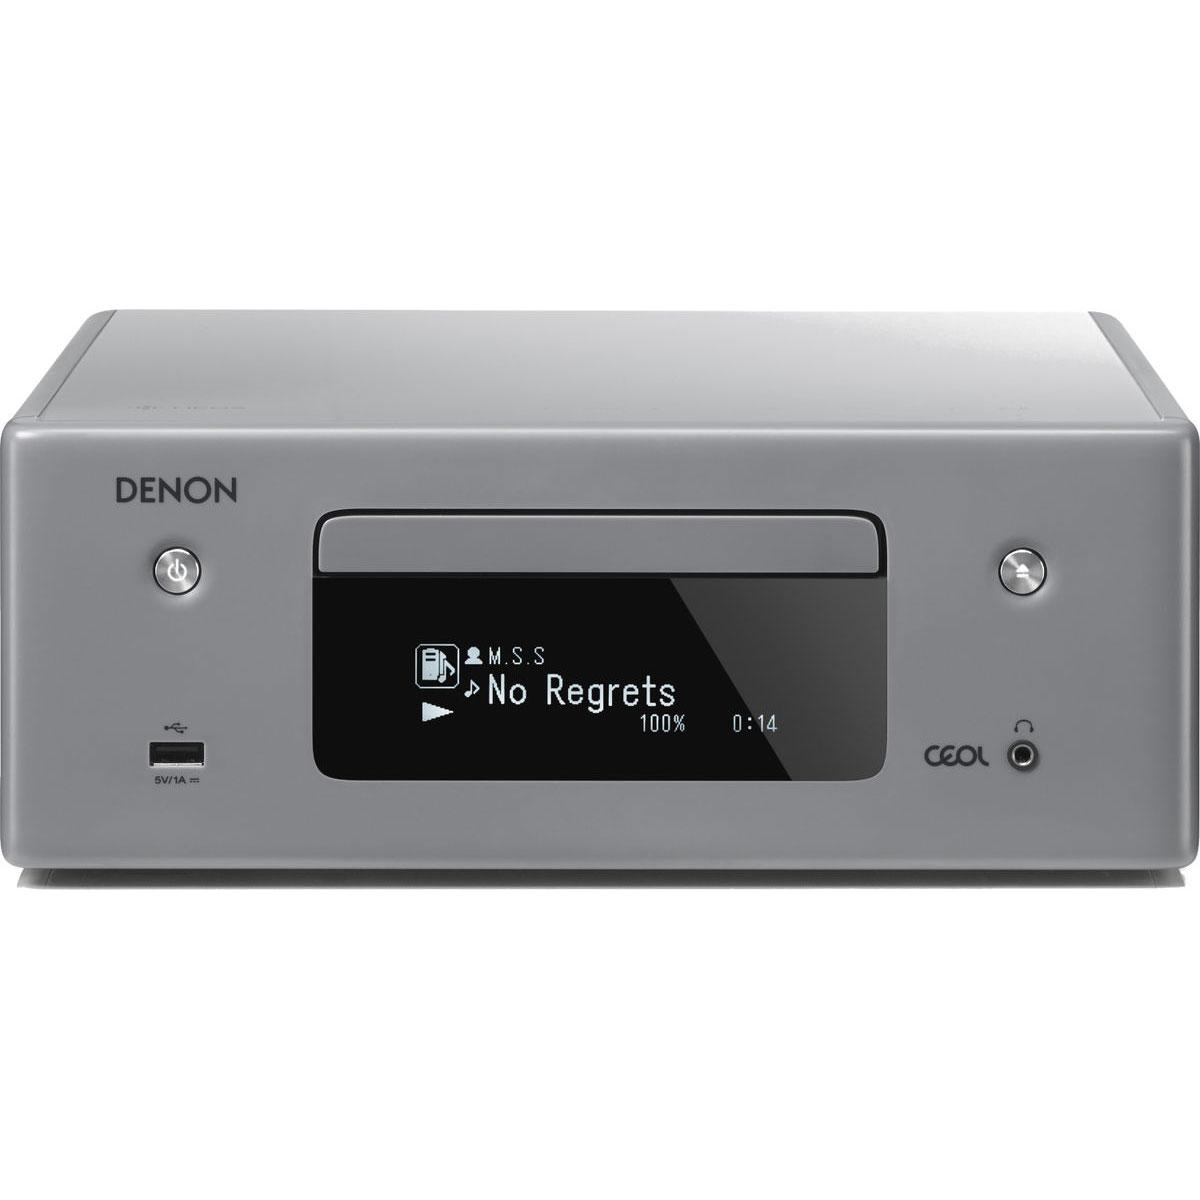 Chaîne Hifi Denon CEOL N10 Gris - Sans HP Micro-chaîne CD MP3 USB réseau Wi-Fi Bluetooth avec contrôle iOS, Android et Amazon Alexa (sans haut-parleurs)